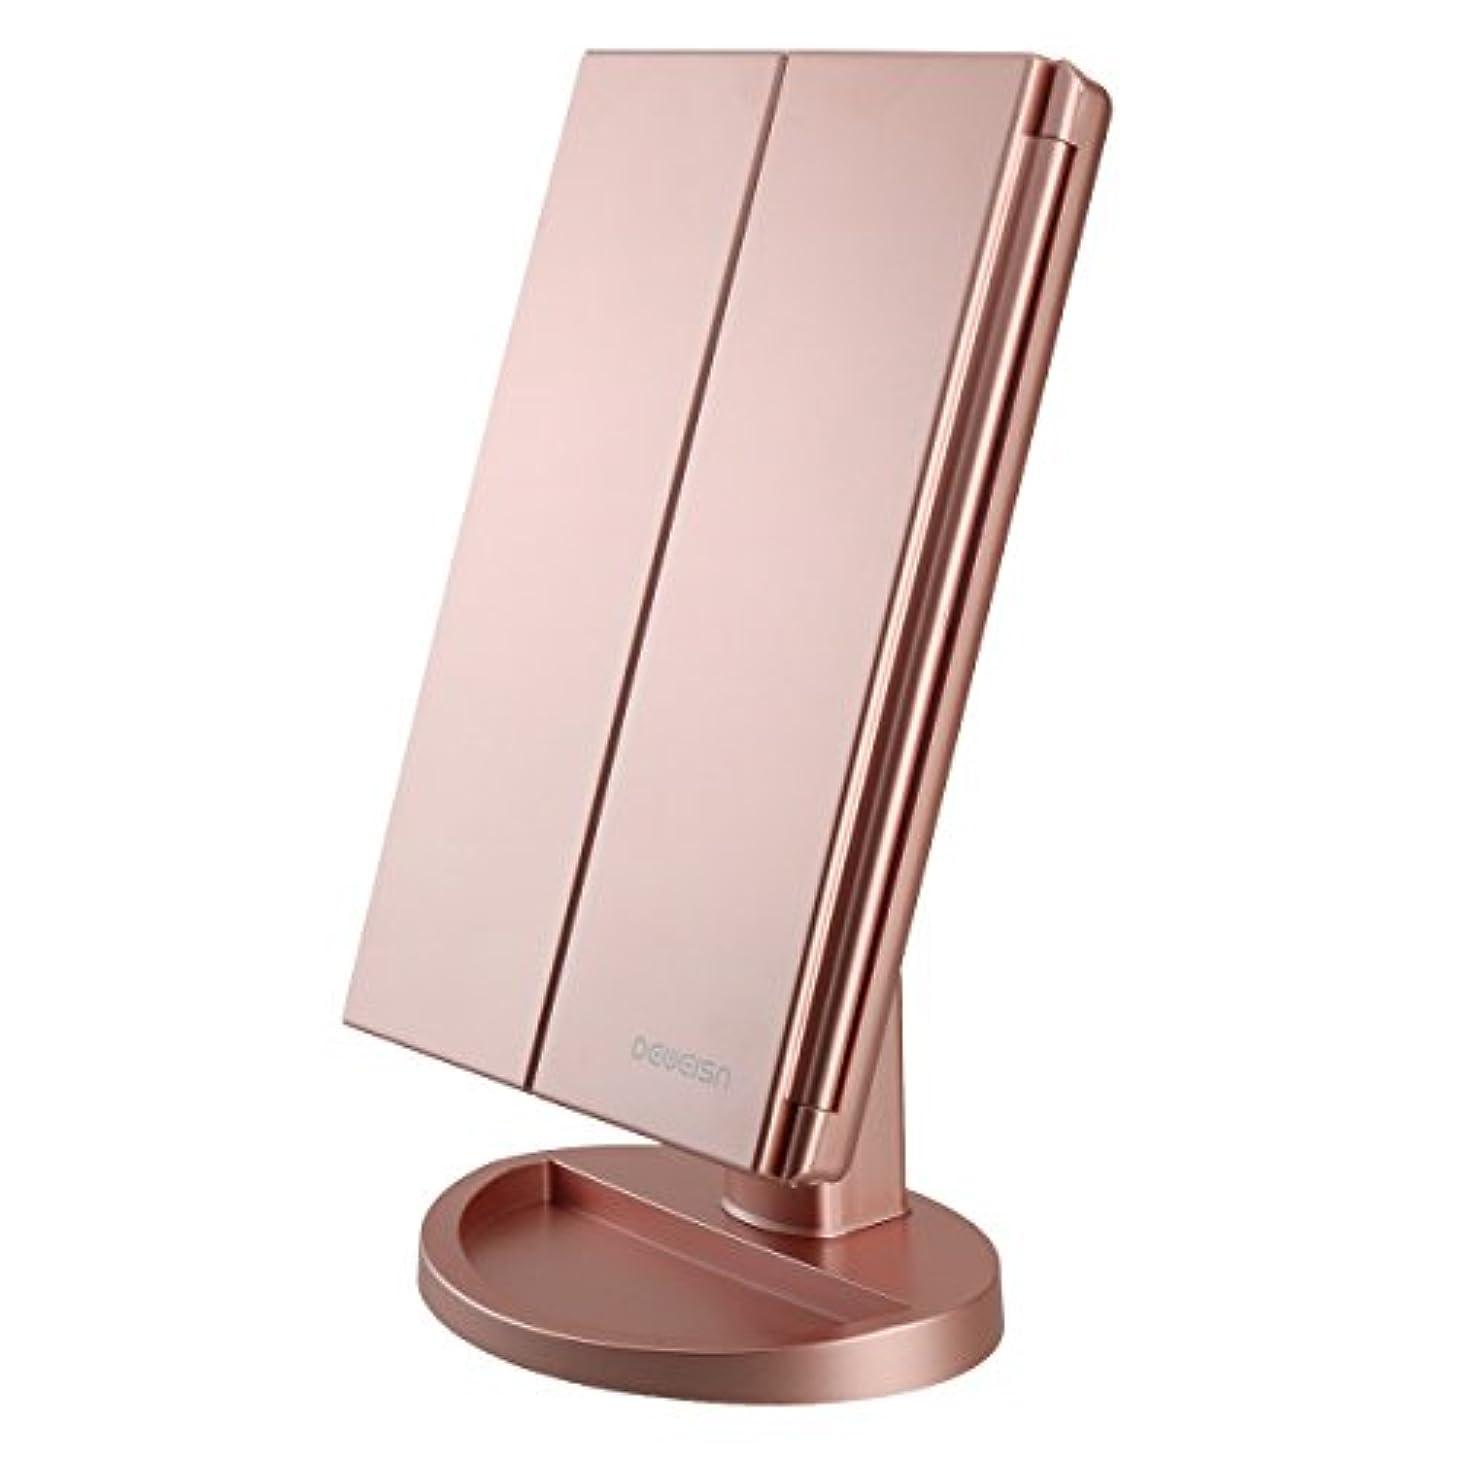 ラリー程度枢機卿卓上三面鏡 LED化粧鏡 電池交換可能 2倍&3倍拡大鏡付き 角度自由調整 明るさ調整可能 折り畳み式 LEDライト21個 全3色 スタンド ミラー (ローズゴールド)